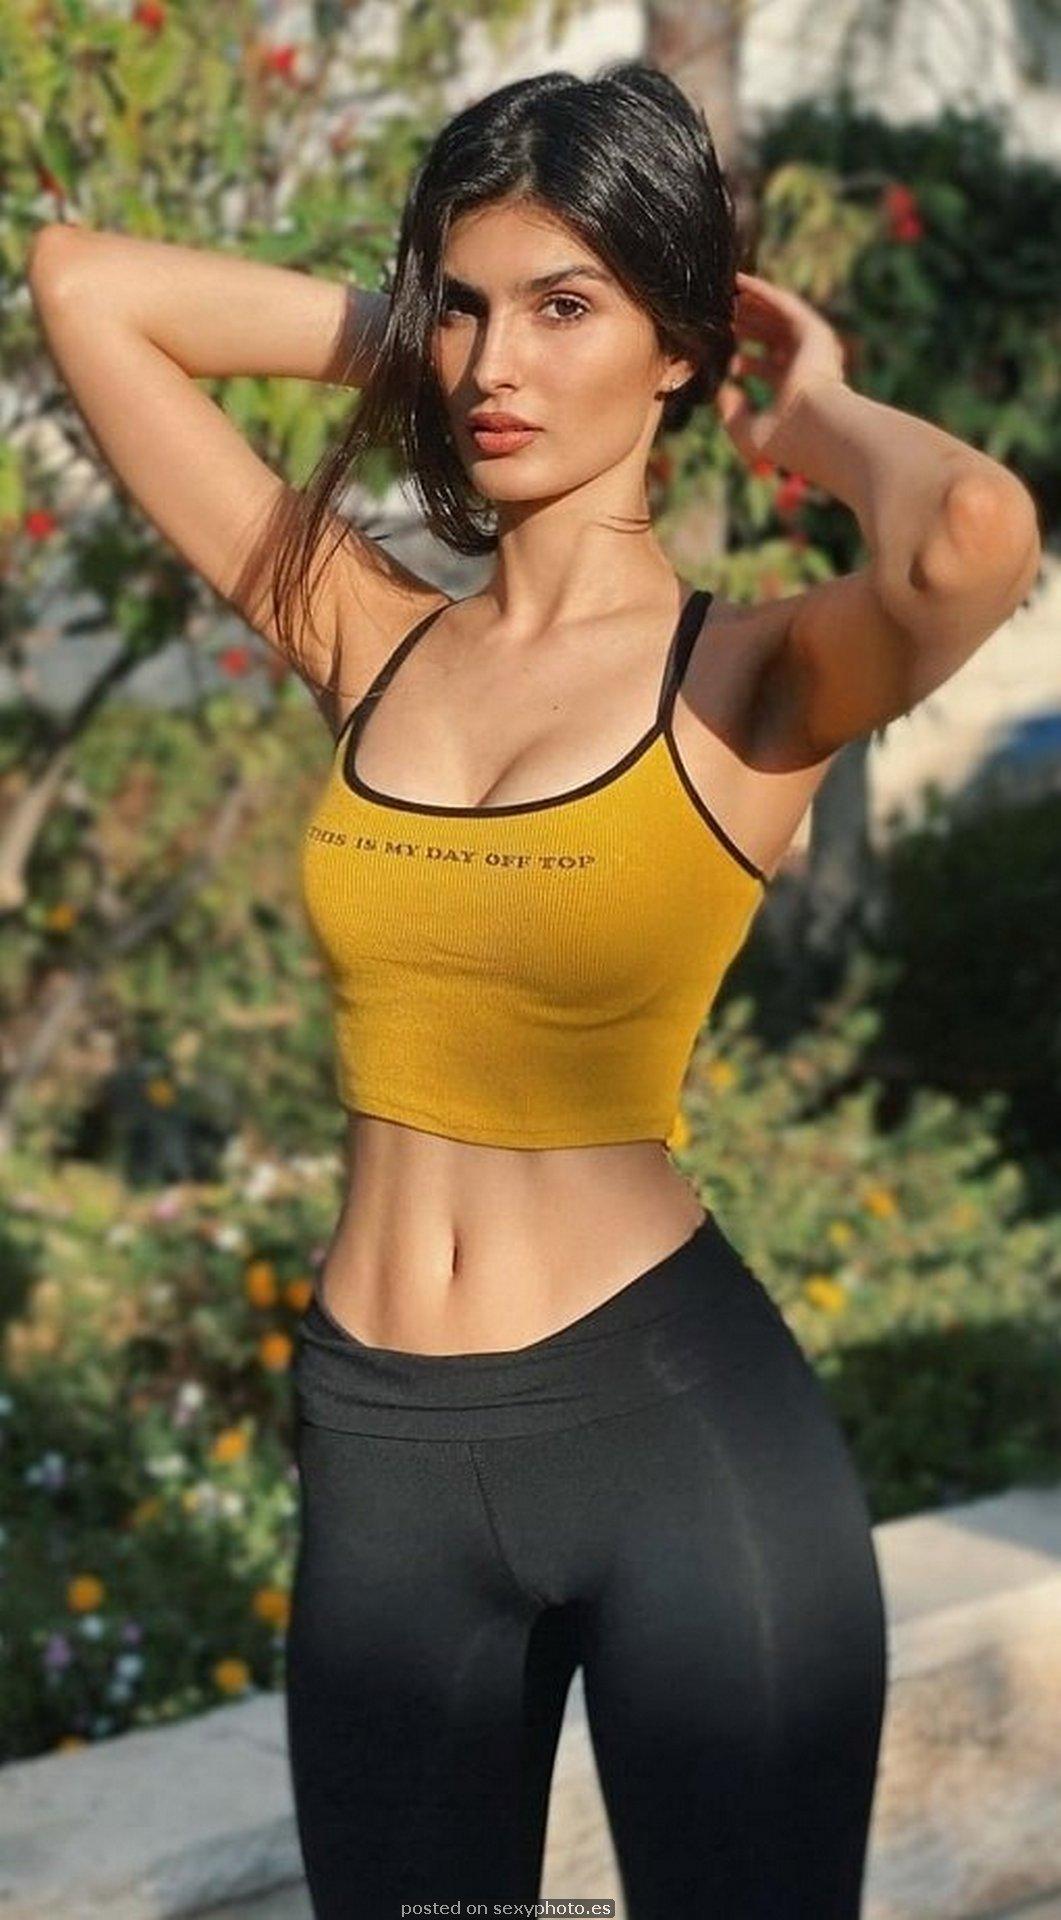 hot fitness girl leggings